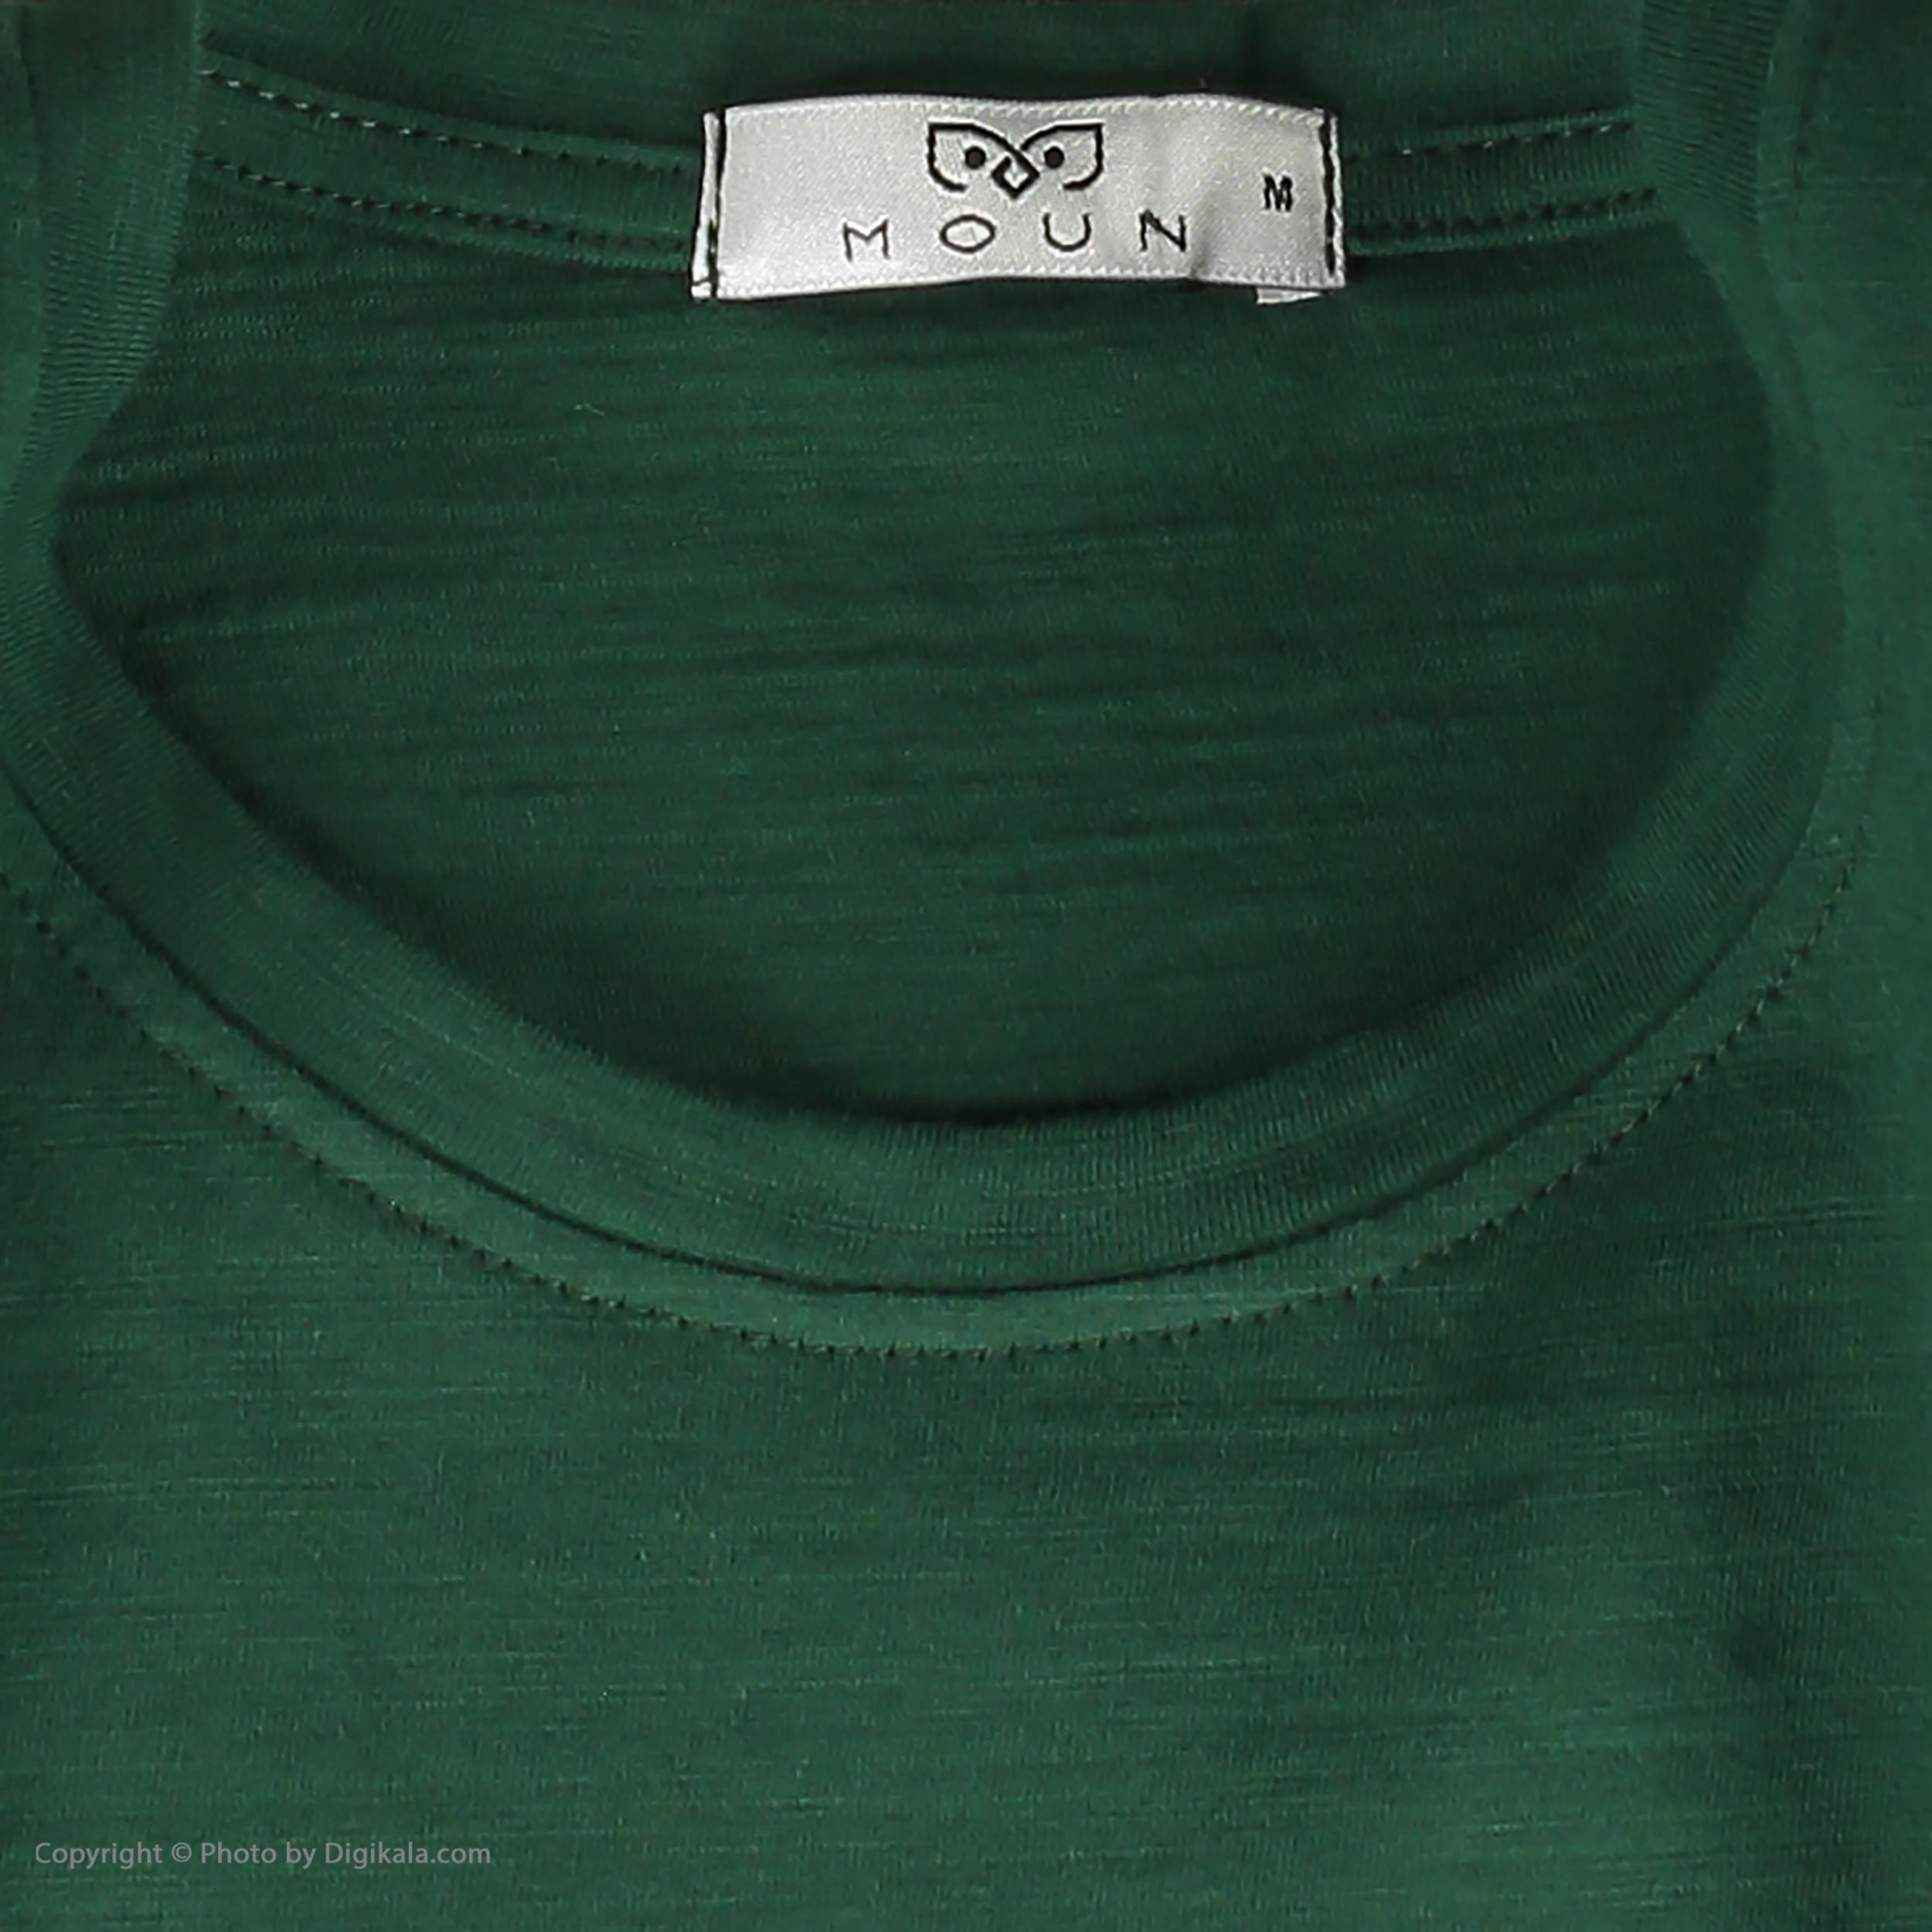 تی شرت نه مون مدل 163113946